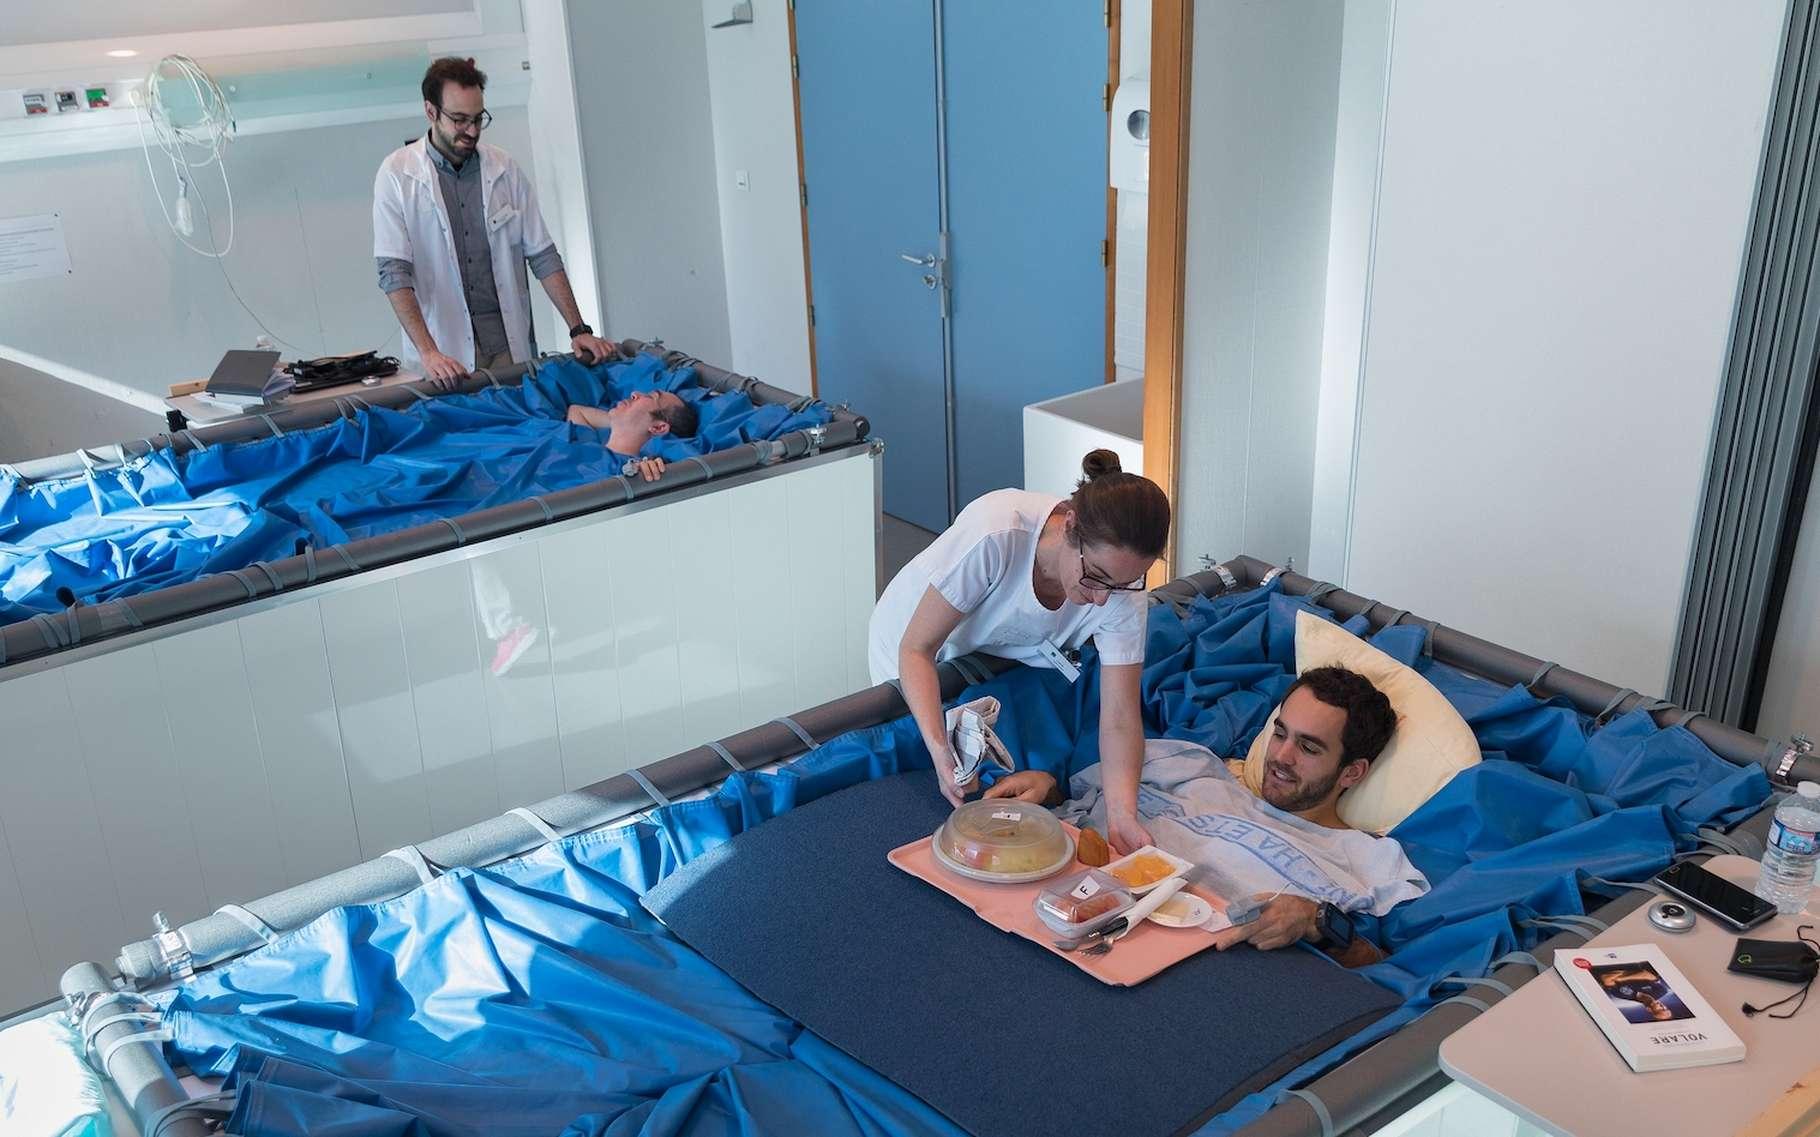 L'Agence spatiale européenne (ESA) dispose désormais de nouveaux moyens de tester la réaction du corps humain à l'apesanteur. Ici, des lits en immersion sèche, du côté de Toulouse (France). © Rémi Benoit, Cnes